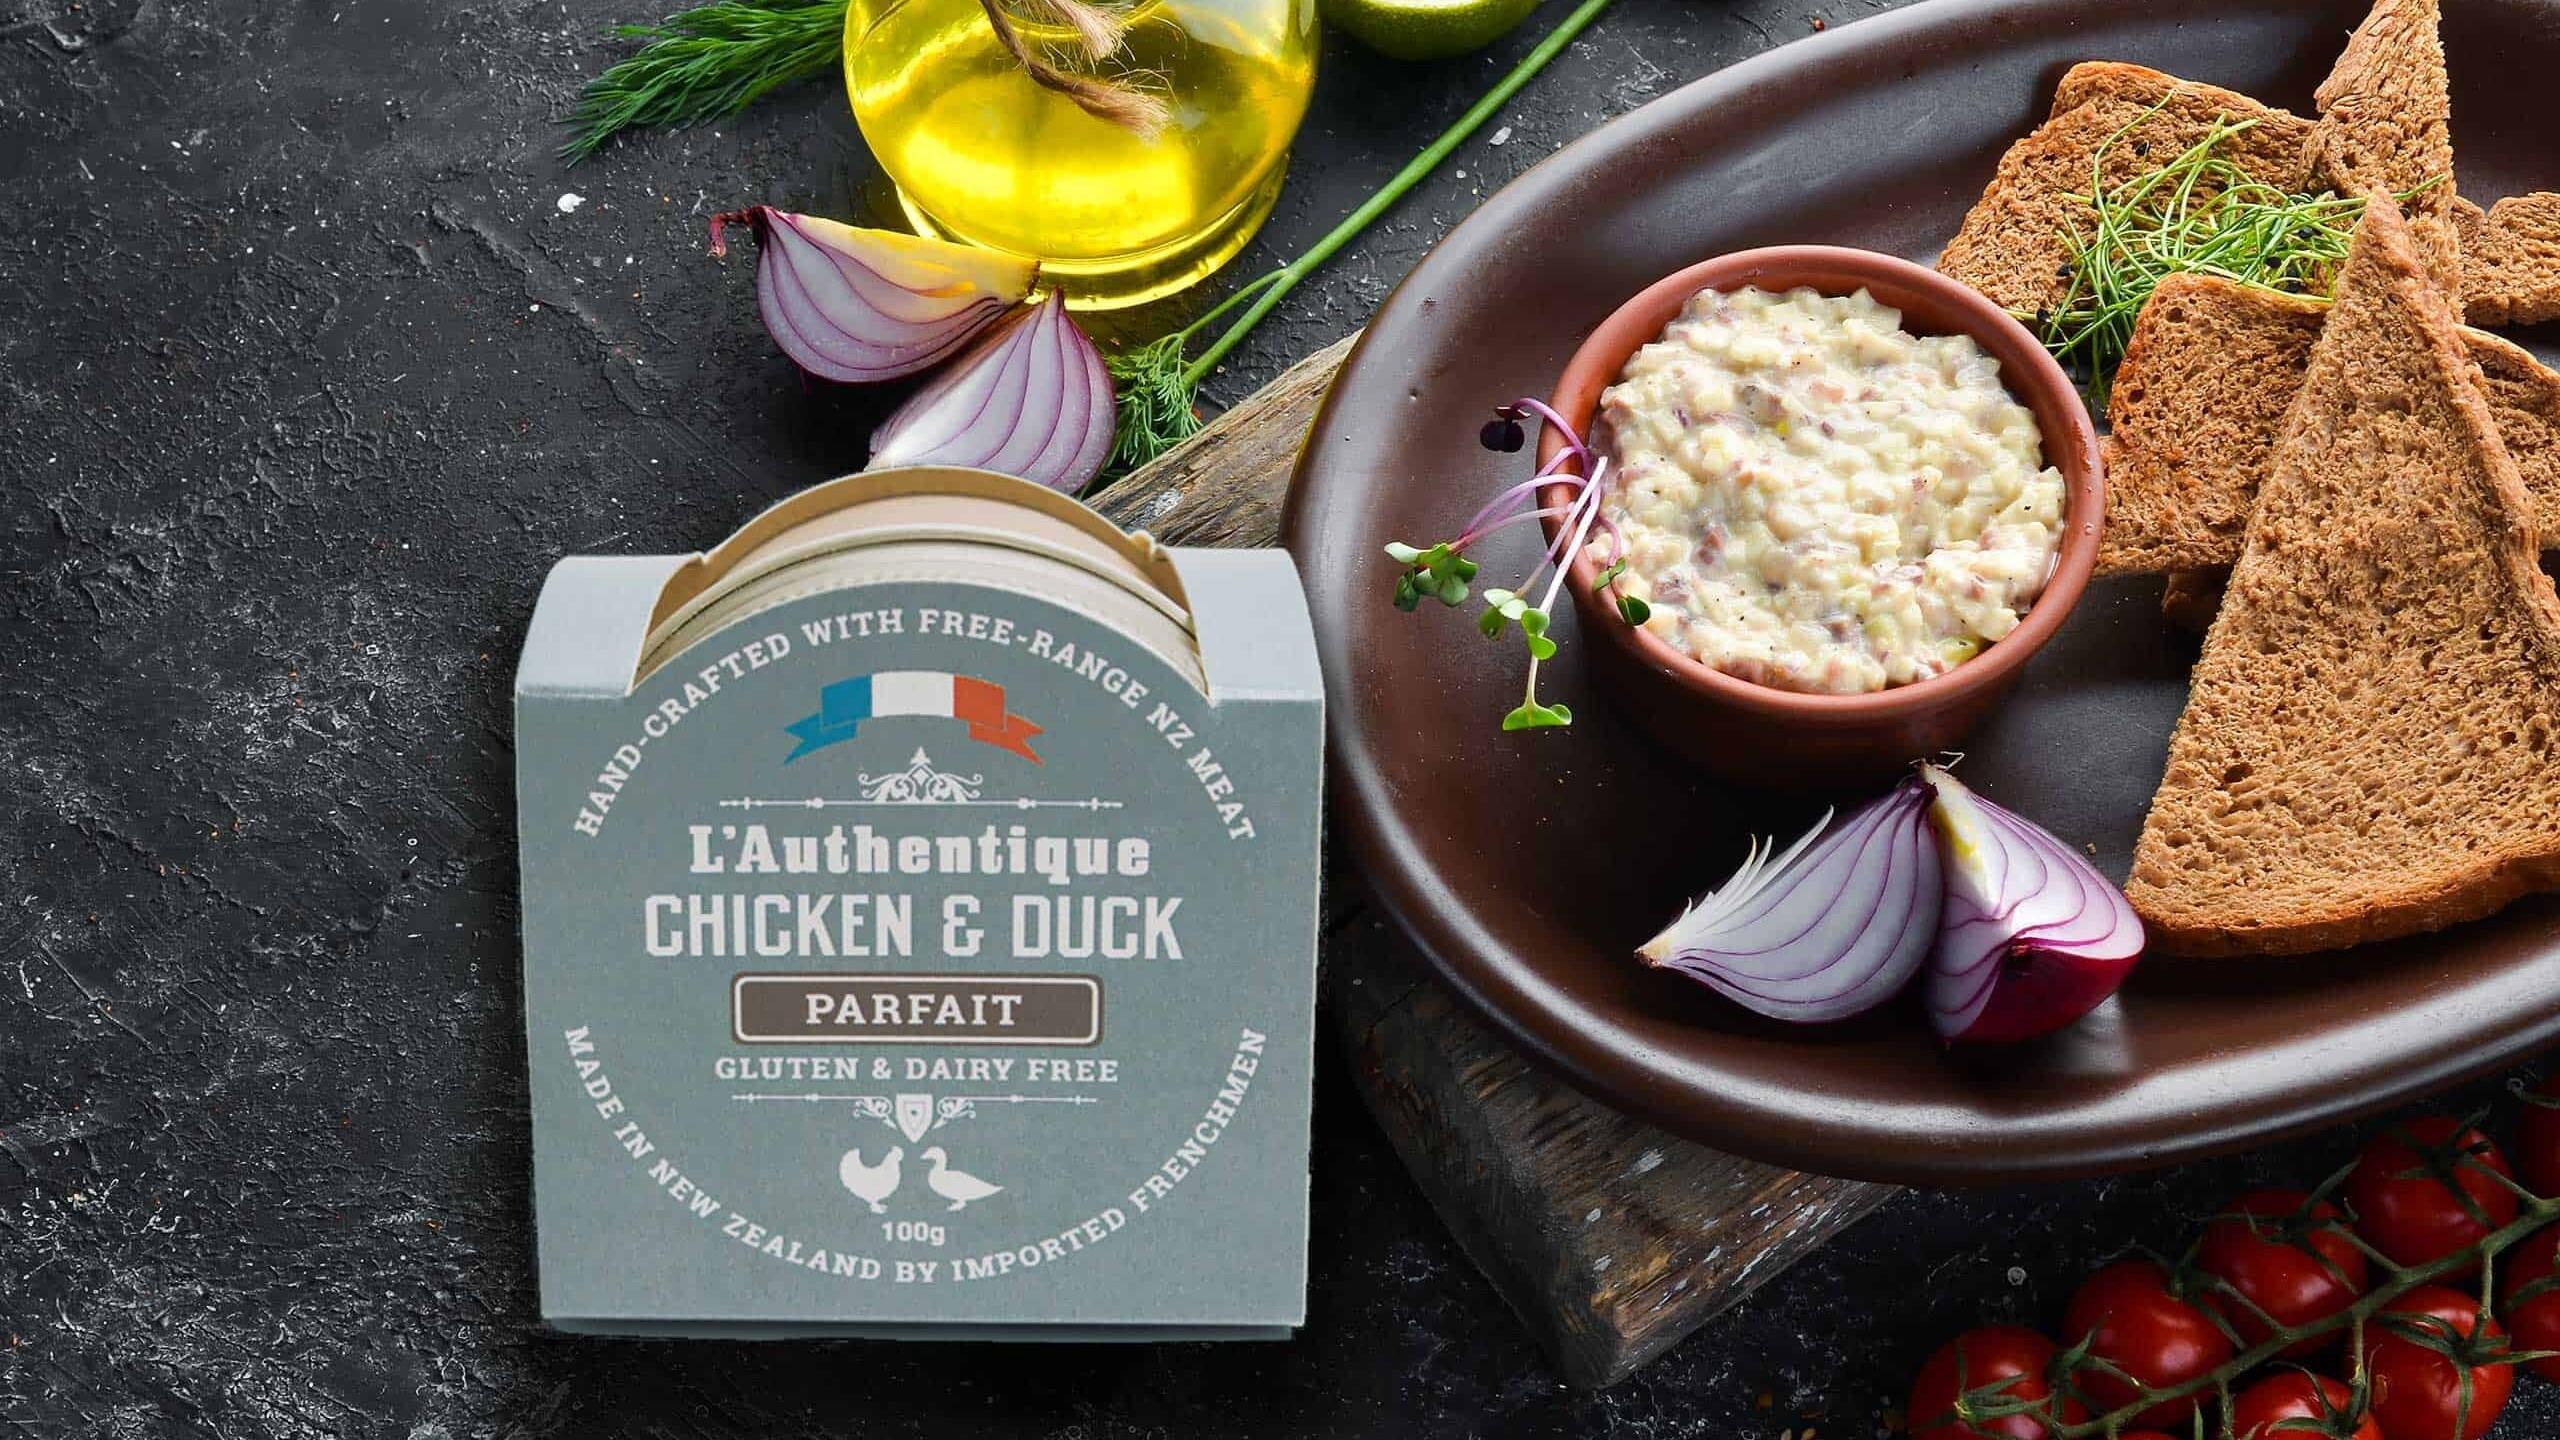 L'Authentique Chicken & Duck Parfait